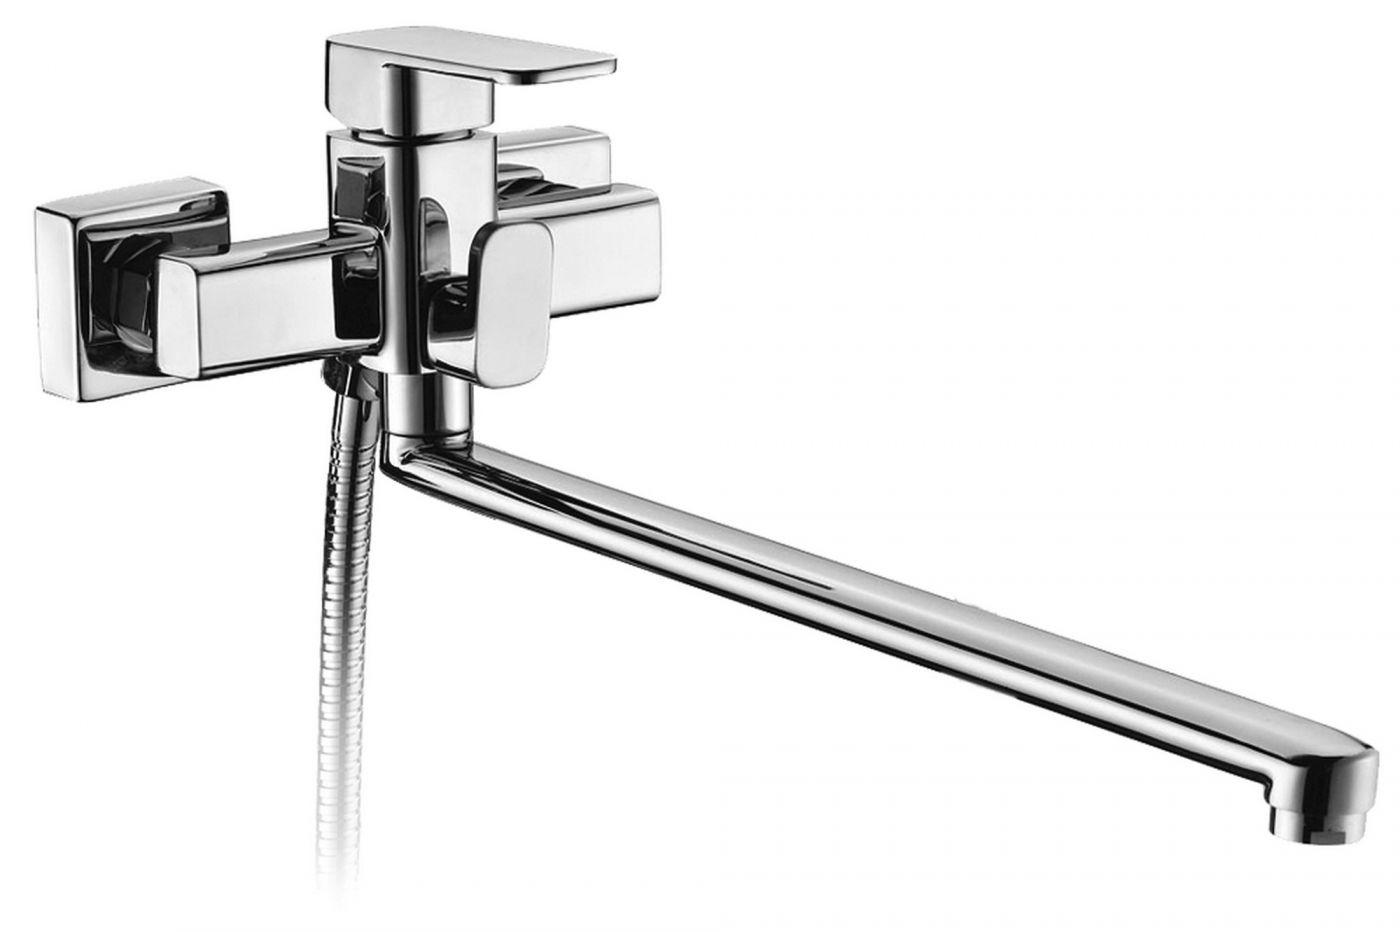 Elghansa Mondschein 5302235 Смеситель для ванны